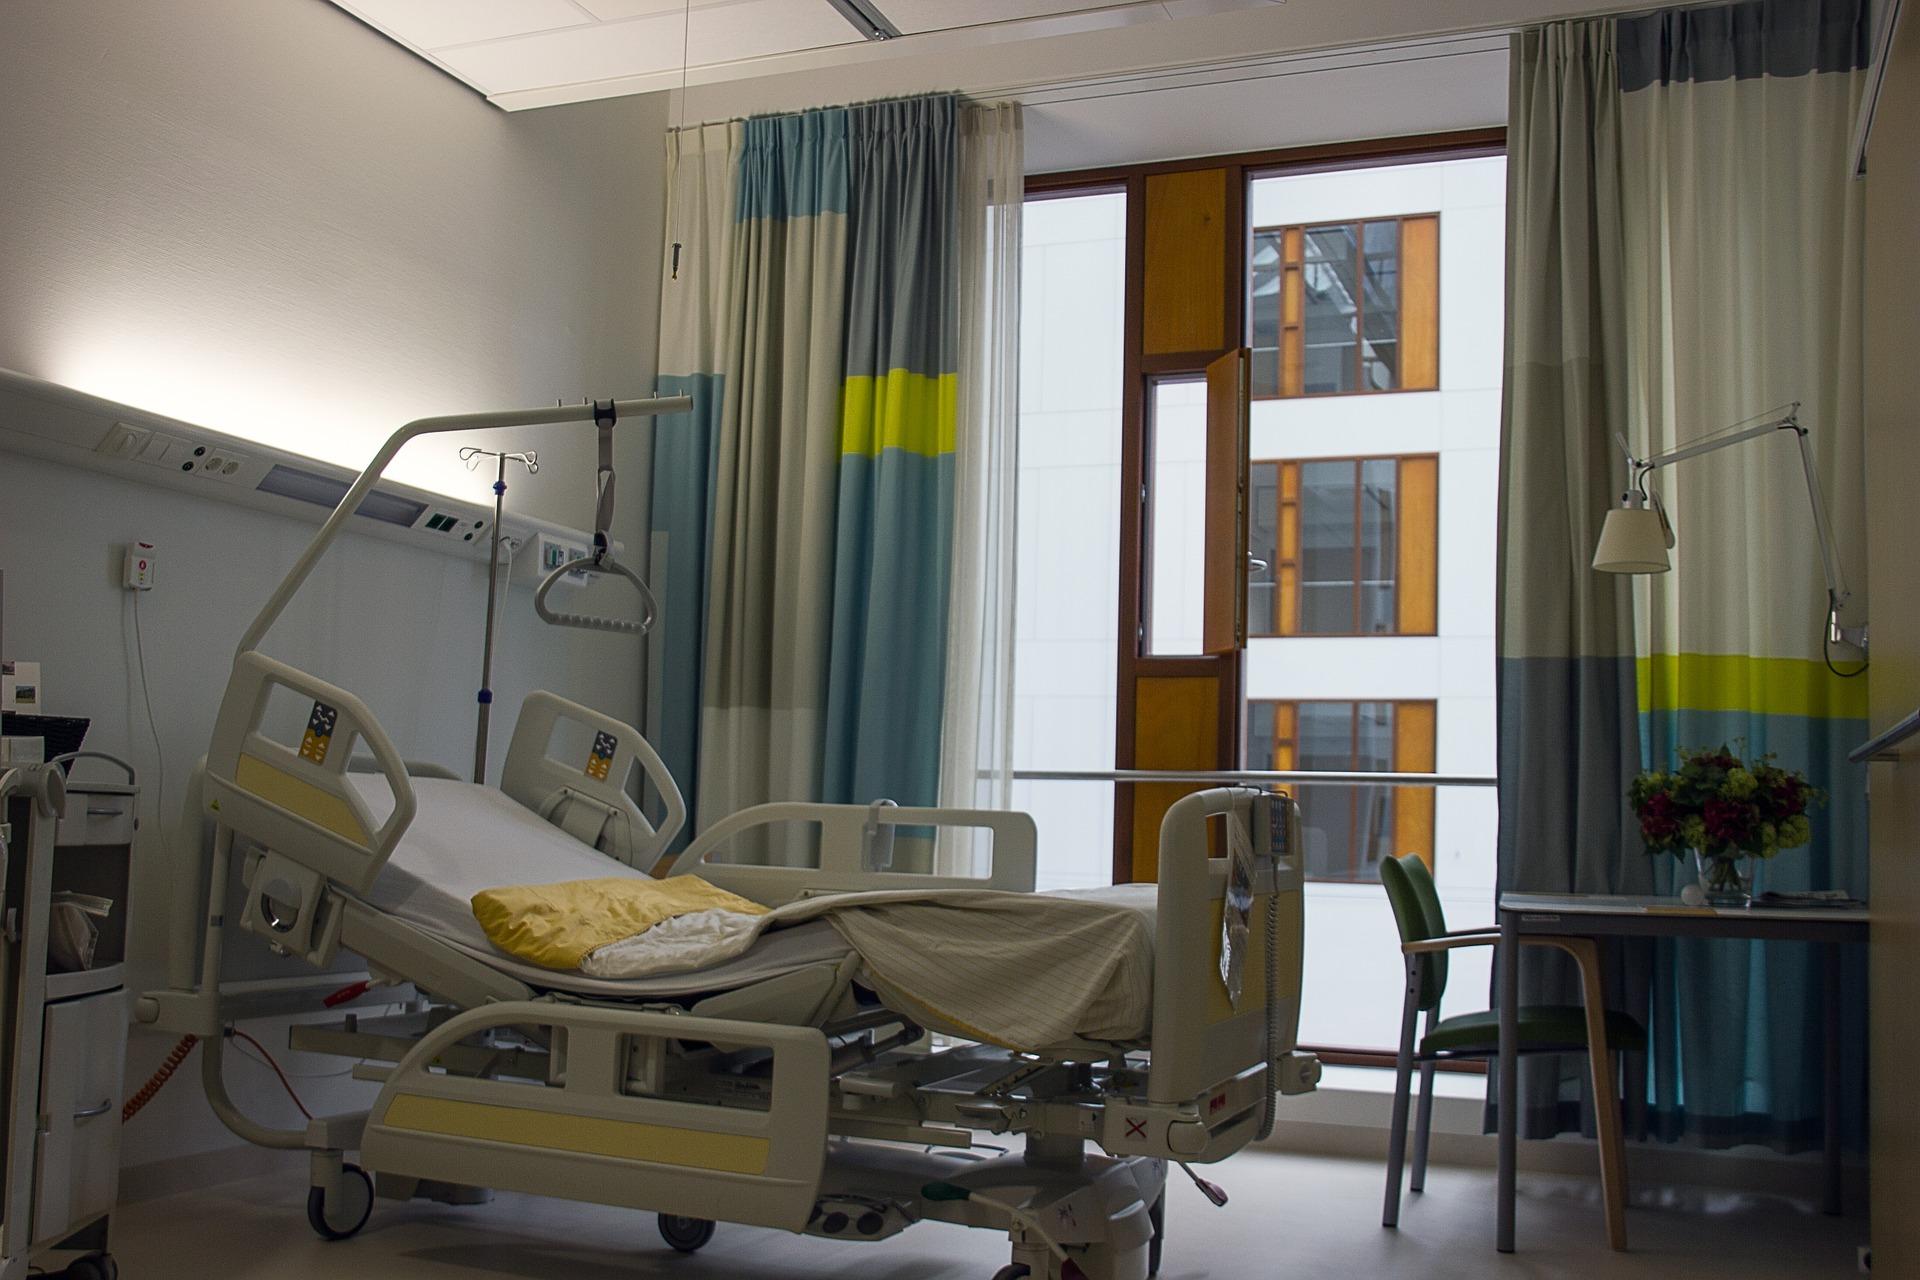 strutture ospedaliere con noleggio operativo